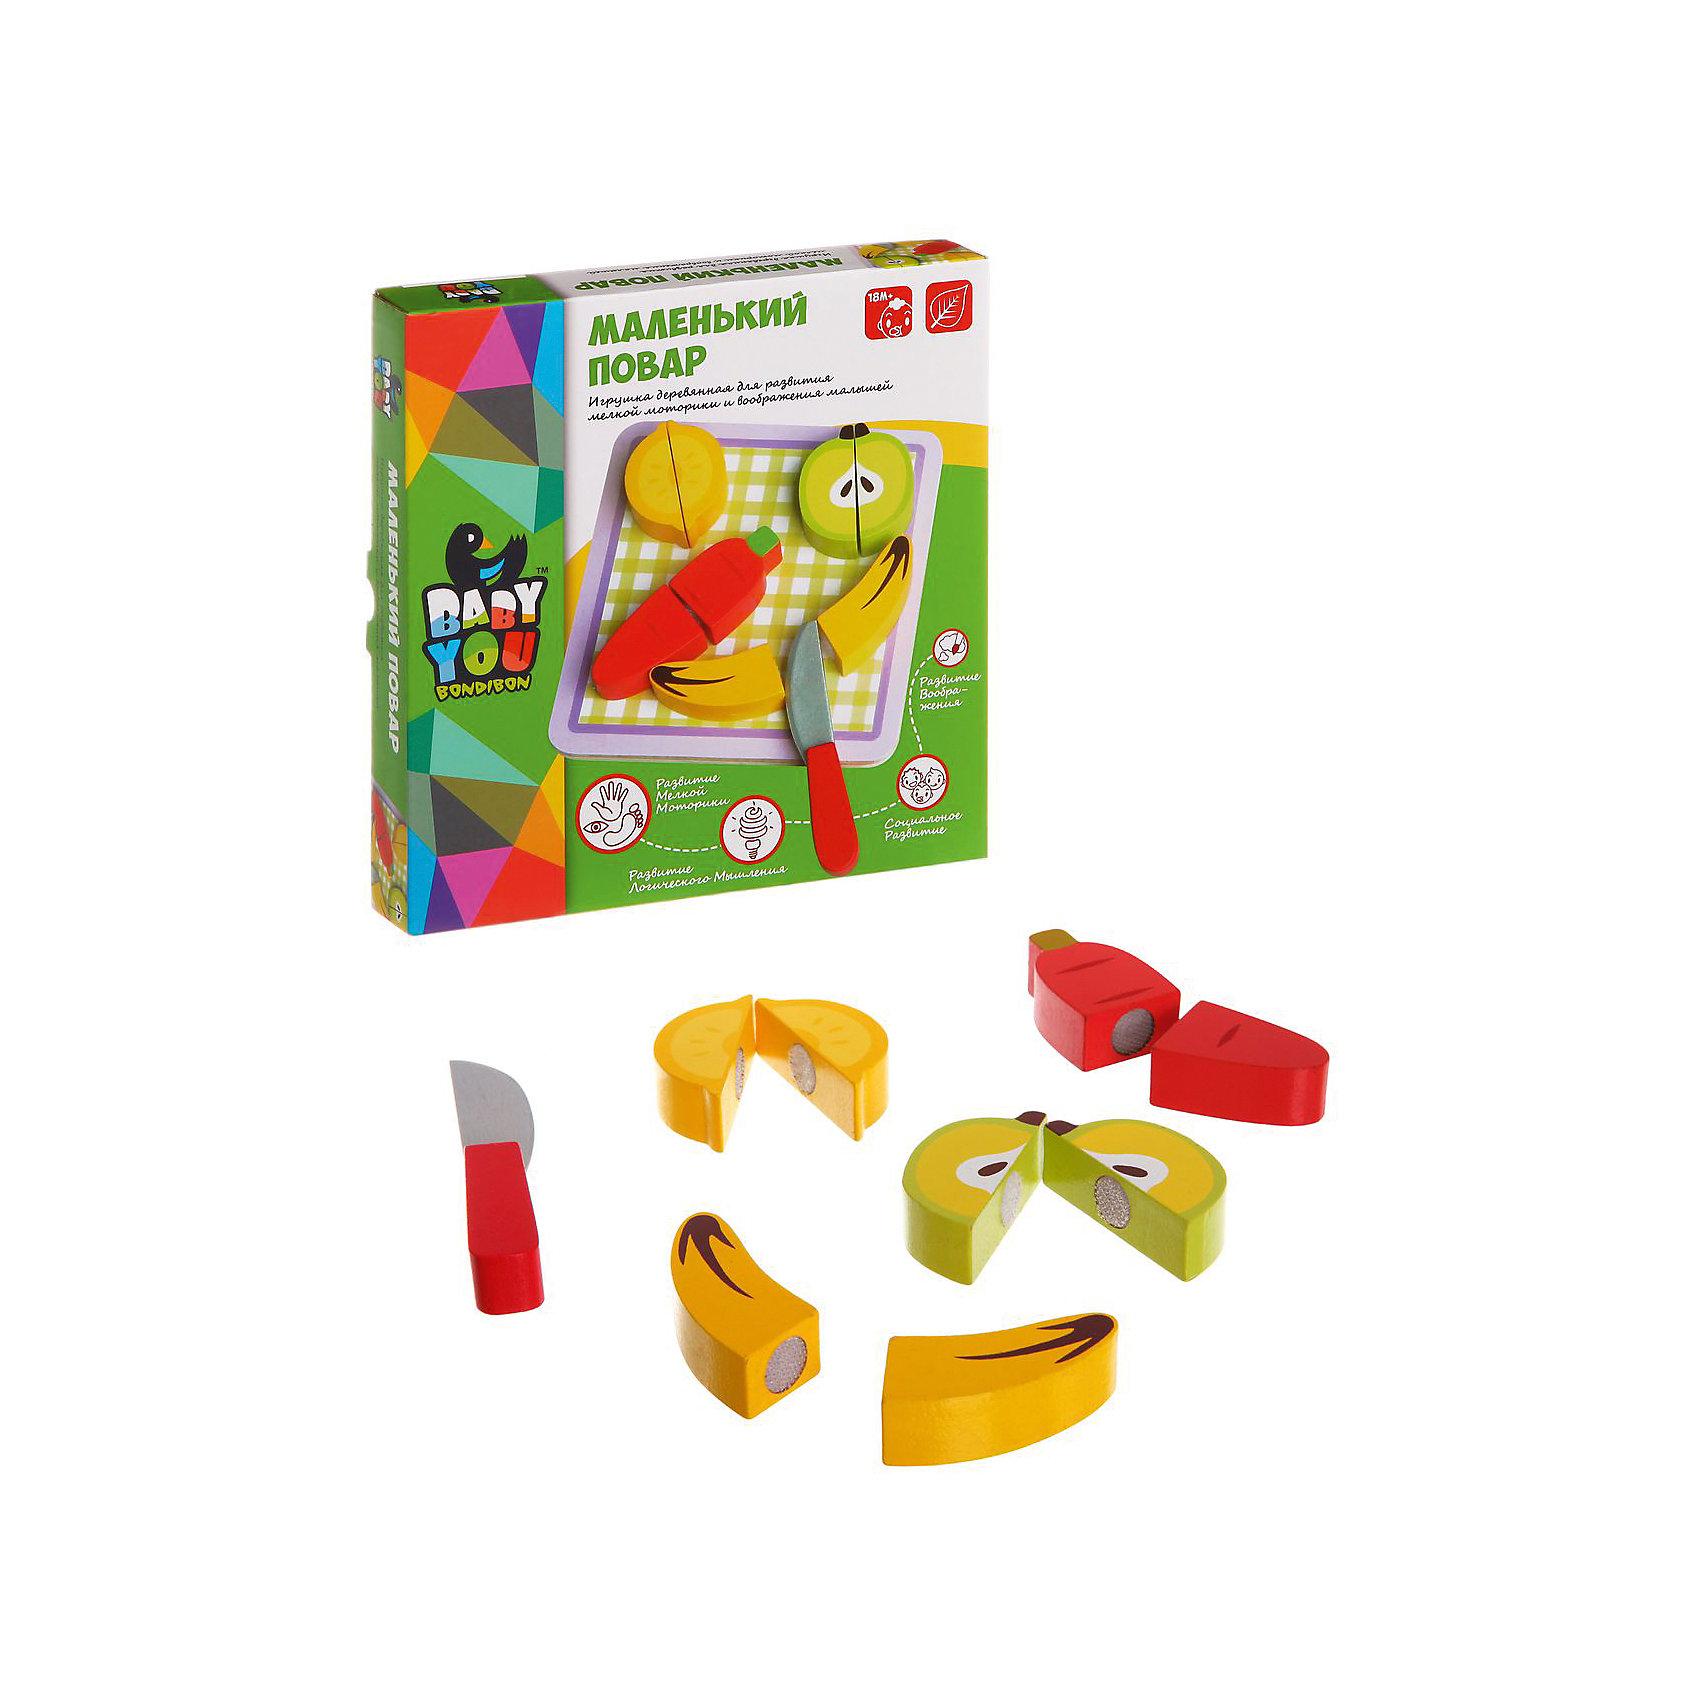 Игровой набор из дерева Маленький Повар, BondibonМаленький Повар это игровой набор, выполненный в виде различных фруктов и овощей. В комплект так же входит безопасный нож и разделочная доска. Все детали выполнены из натурального дерева и полностью безопасны для здоровья ребенка. <br><br>Дополнительная информация:<br><br>- Возраст: от 12 месяцев<br>- В комплекте: деревянные фигурки в виде продуктов, деревянный нож, разделочная доска<br>- Материал: дерево<br>- Размер упаковки: 20х4х20 см<br>- Вес: 0.2 кг<br><br>Игровой набор из дерева Маленький Повар, Bondibon можно купить в нашем интернет-магазине.<br><br>Ширина мм: 200<br>Глубина мм: 40<br>Высота мм: 200<br>Вес г: 242<br>Возраст от месяцев: 180<br>Возраст до месяцев: 36<br>Пол: Унисекс<br>Возраст: Детский<br>SKU: 4864519